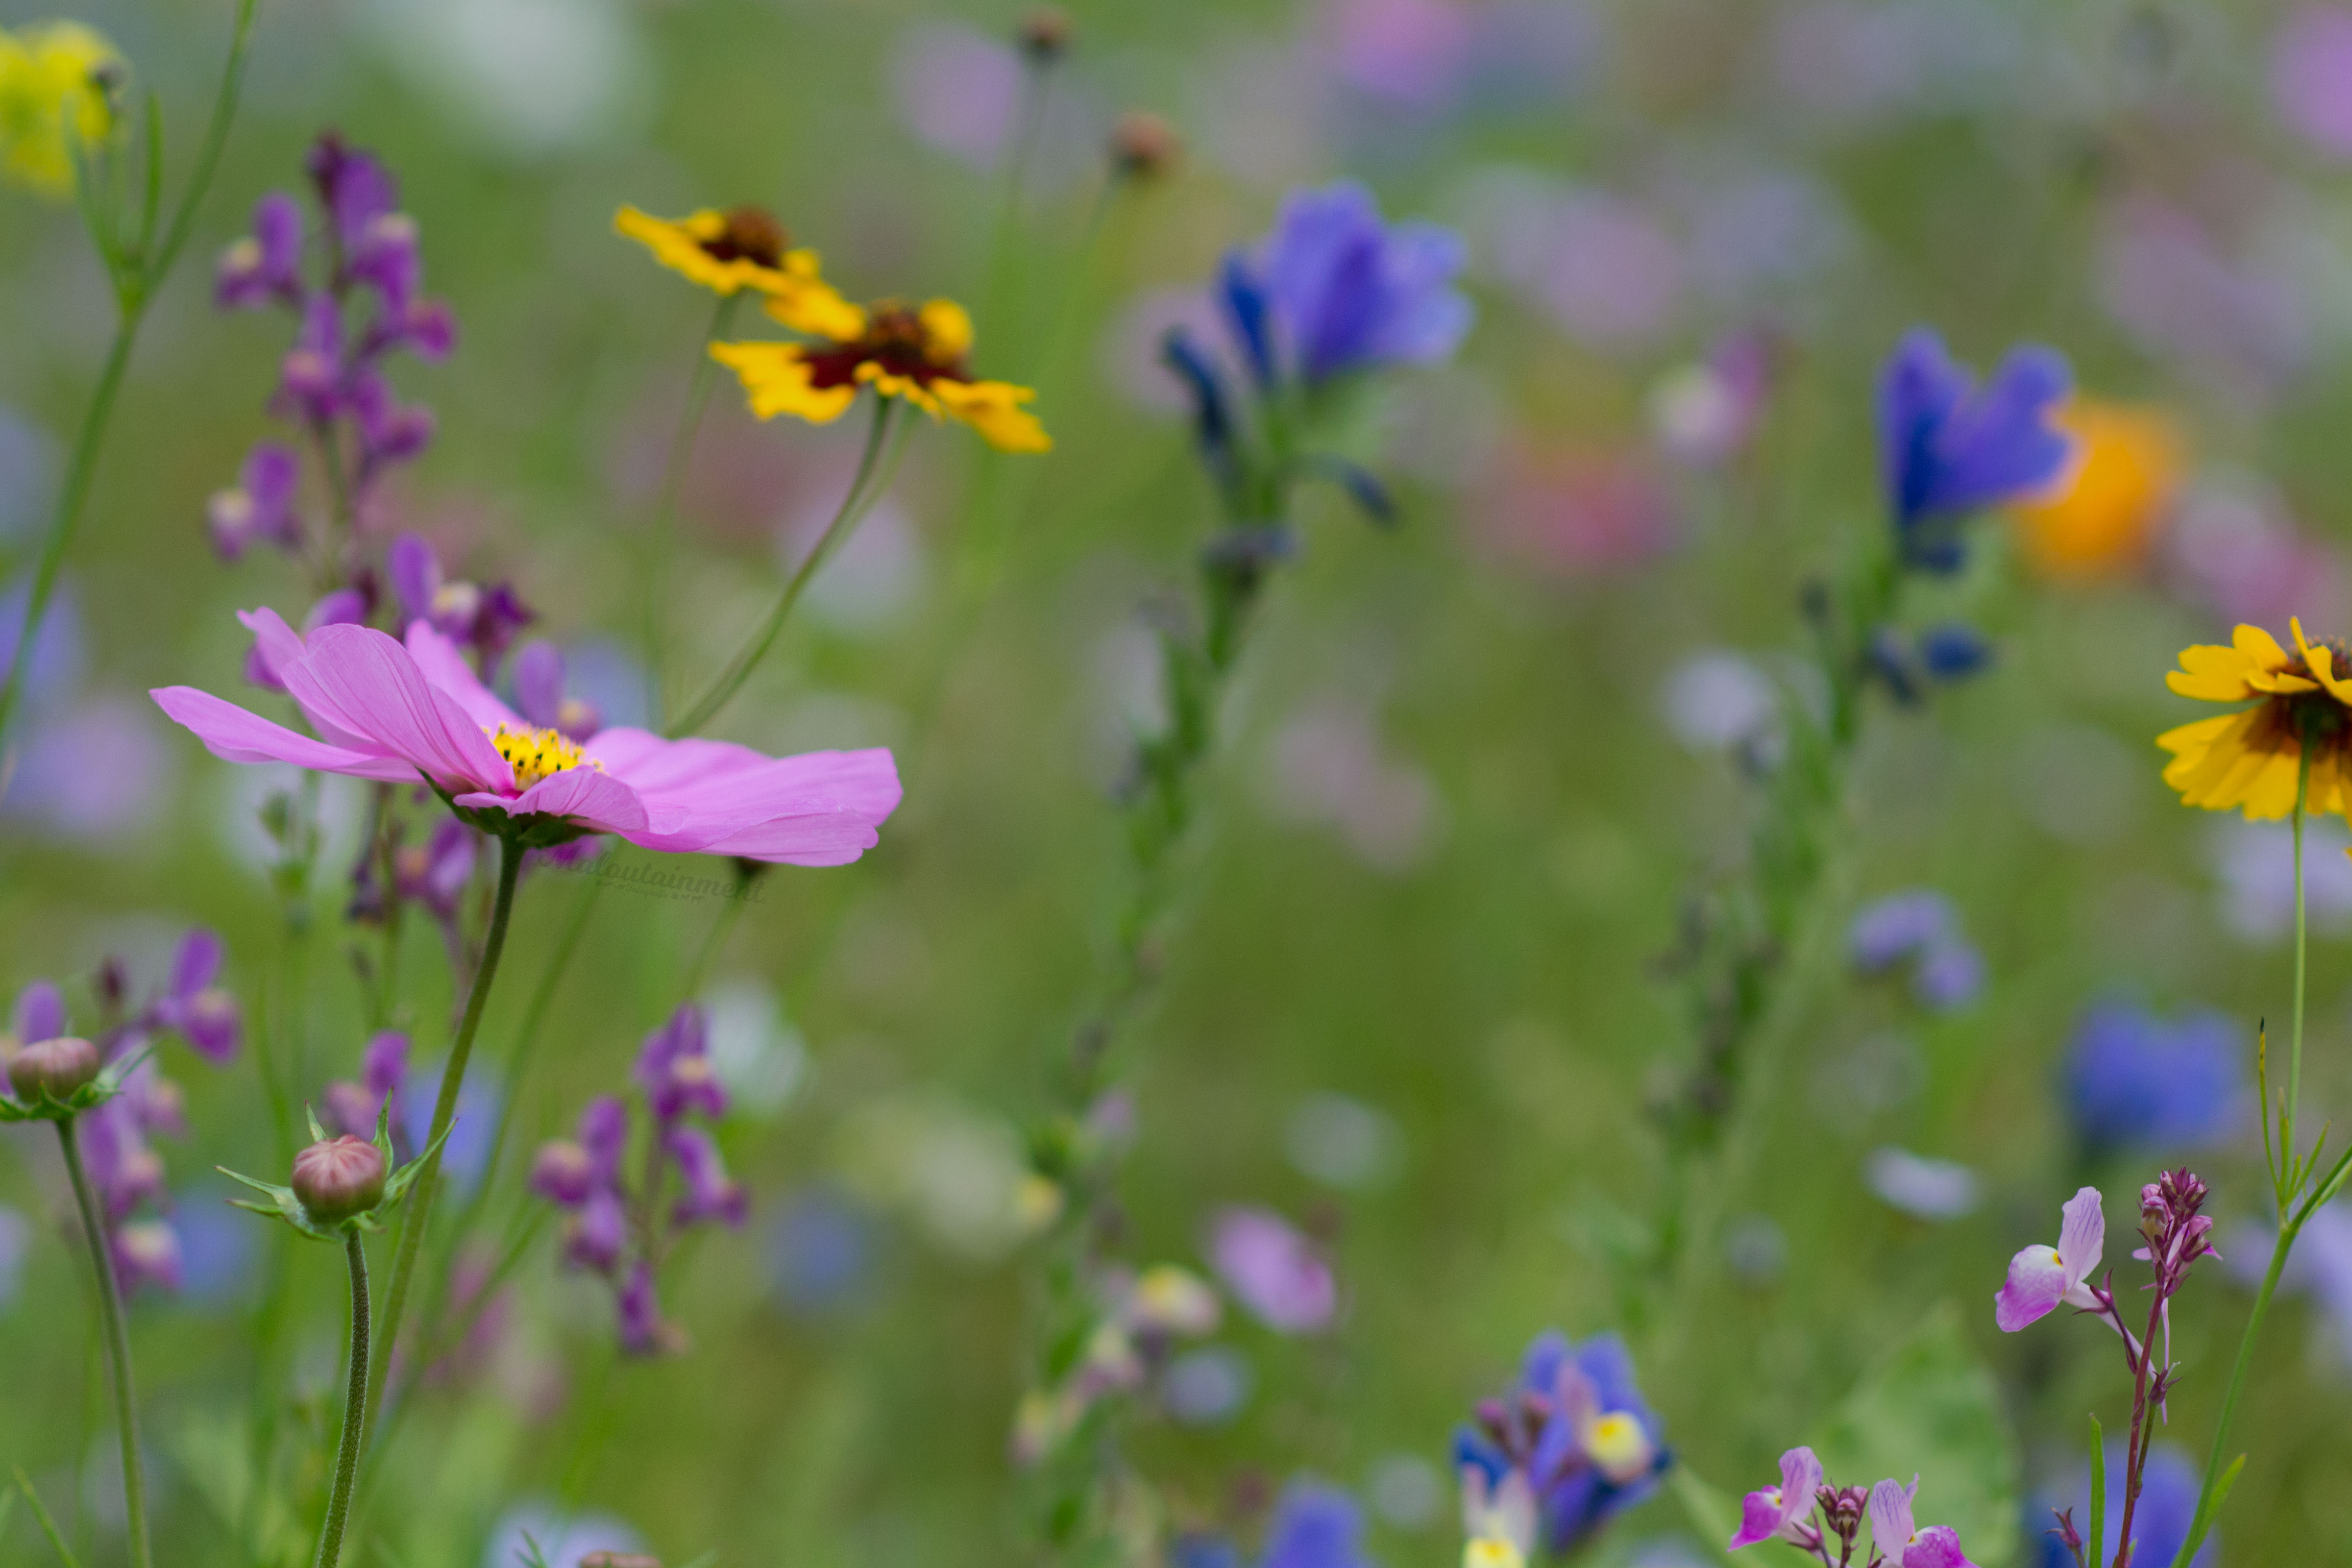 Blümchen in Wildblumenwiese Maloutainment Fotografie Handy Natur Tier Kamera Blog Tipps Tricks Social Media Snapchat Facebook Instagram Sommer Blumen